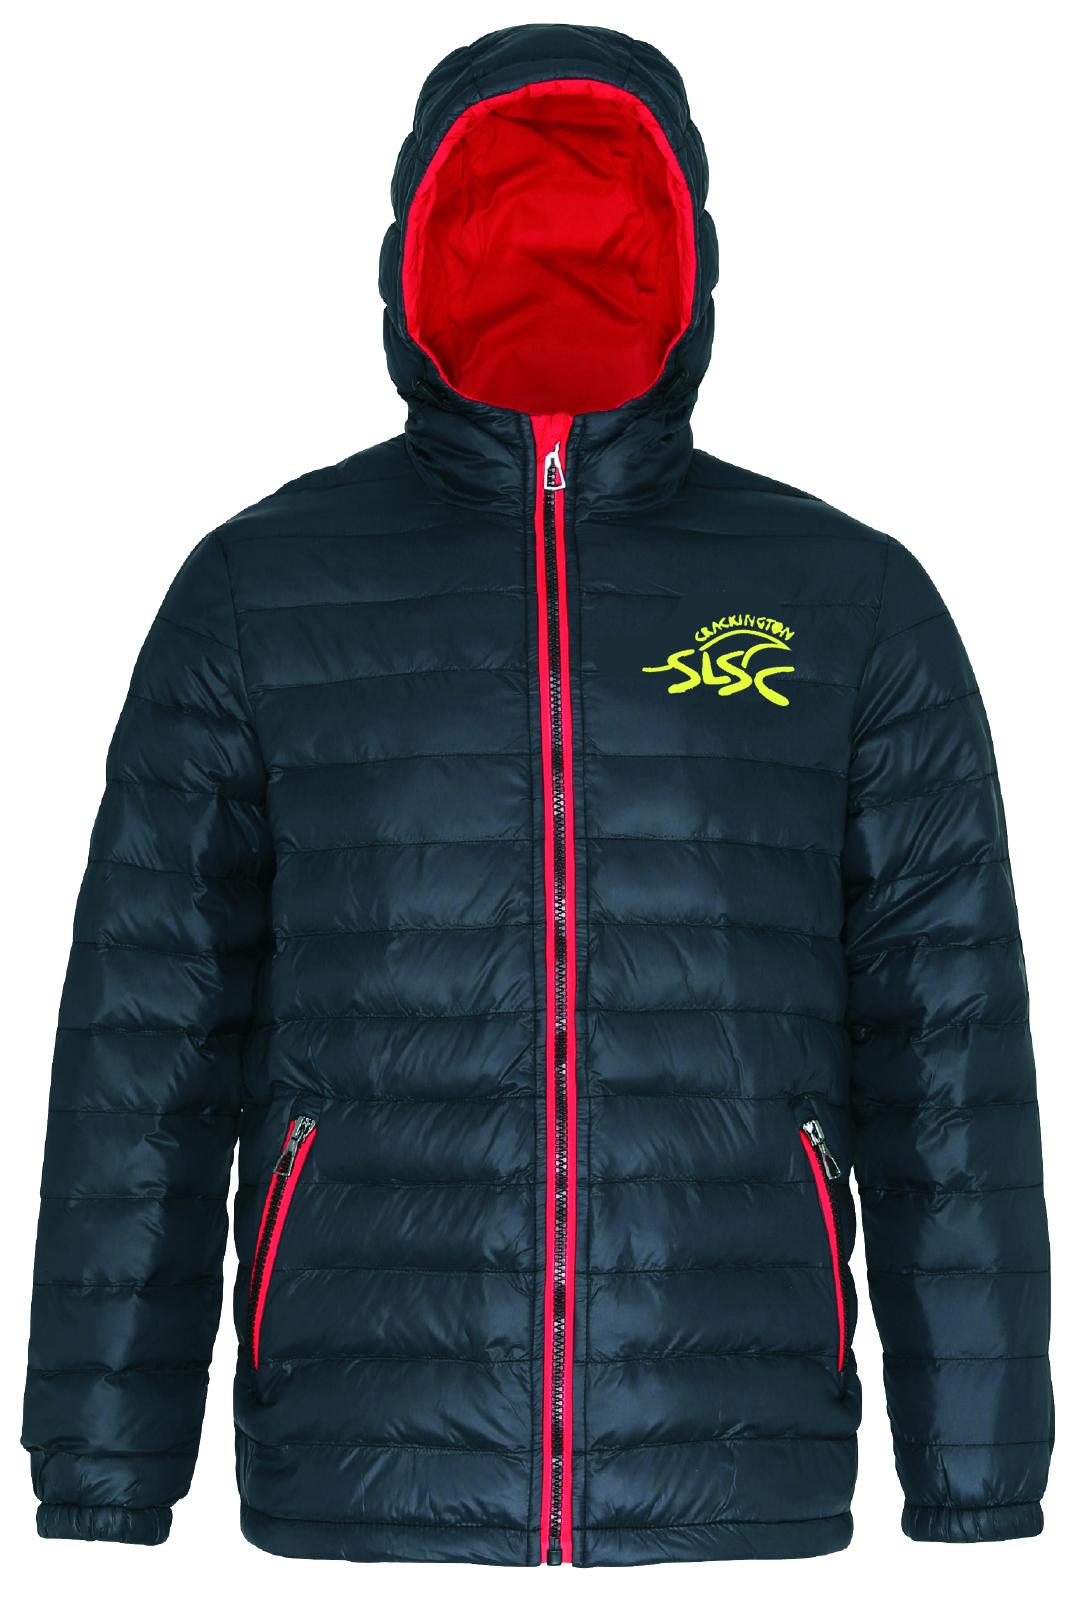 Crackington SLSC Snowbird Jacket